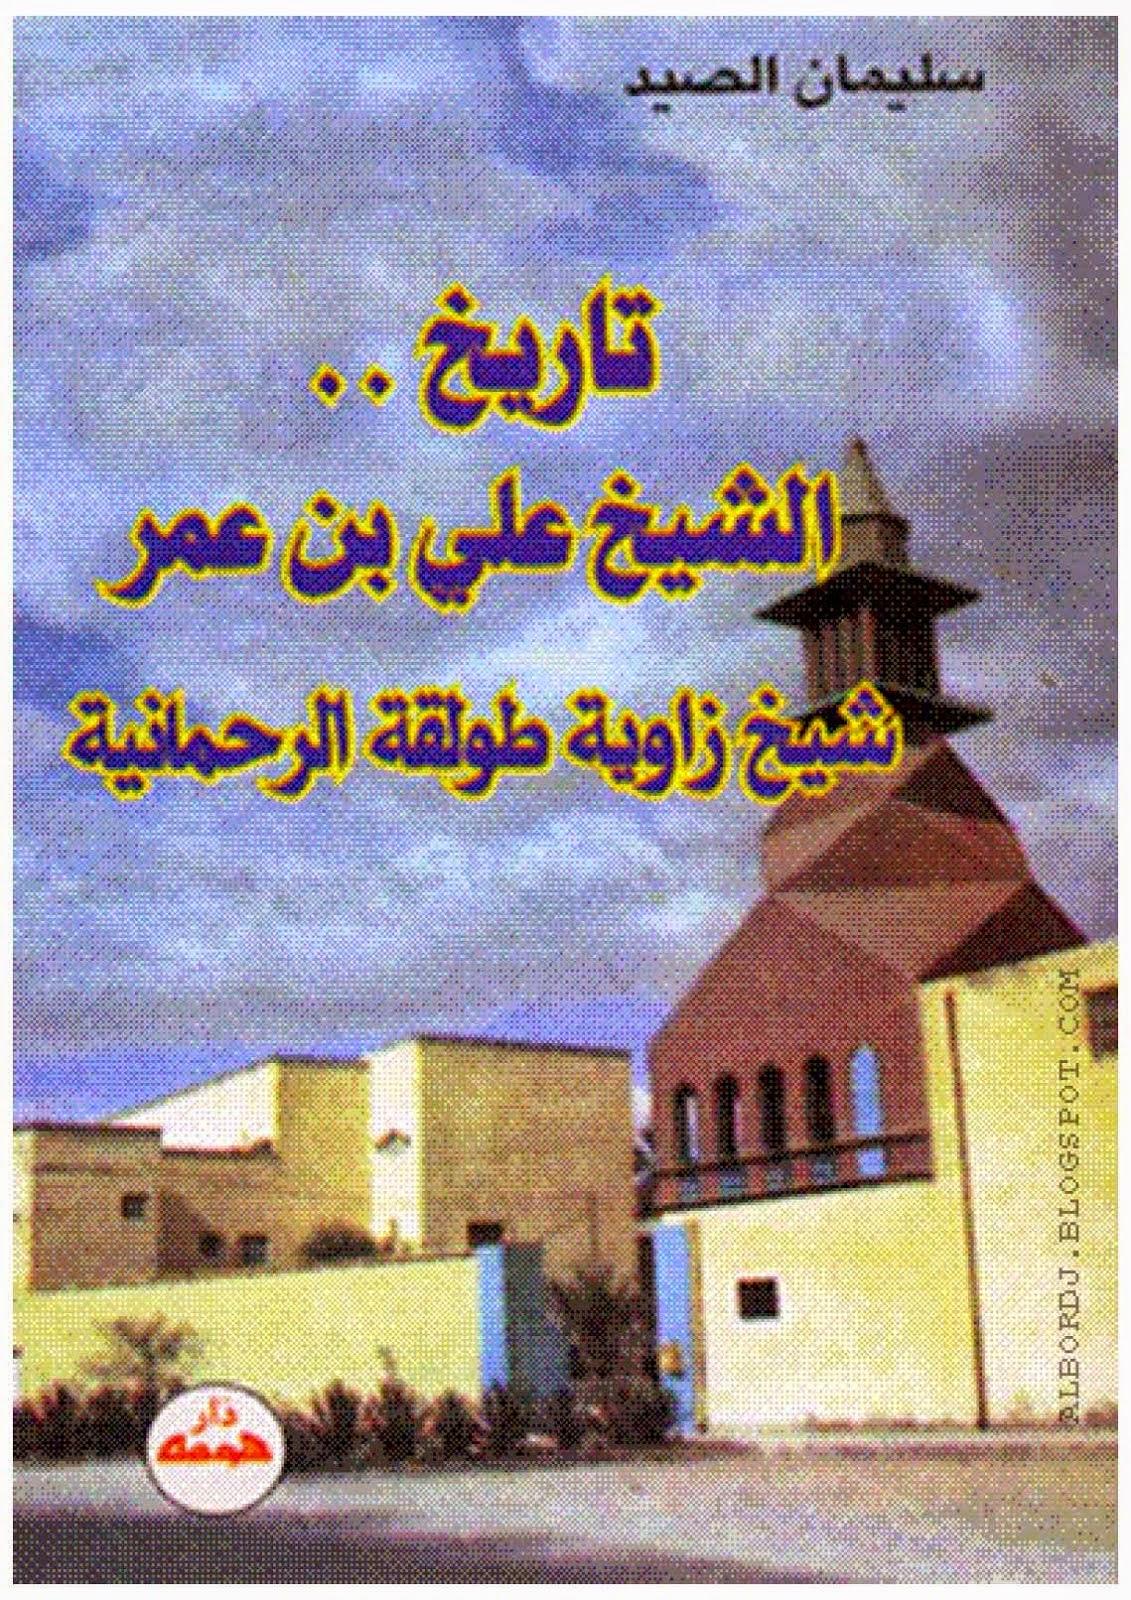 تاريخ الشيخ علي بن عمر شيخ زاوية طولقة الرحمانية لـ سليمان الصيد